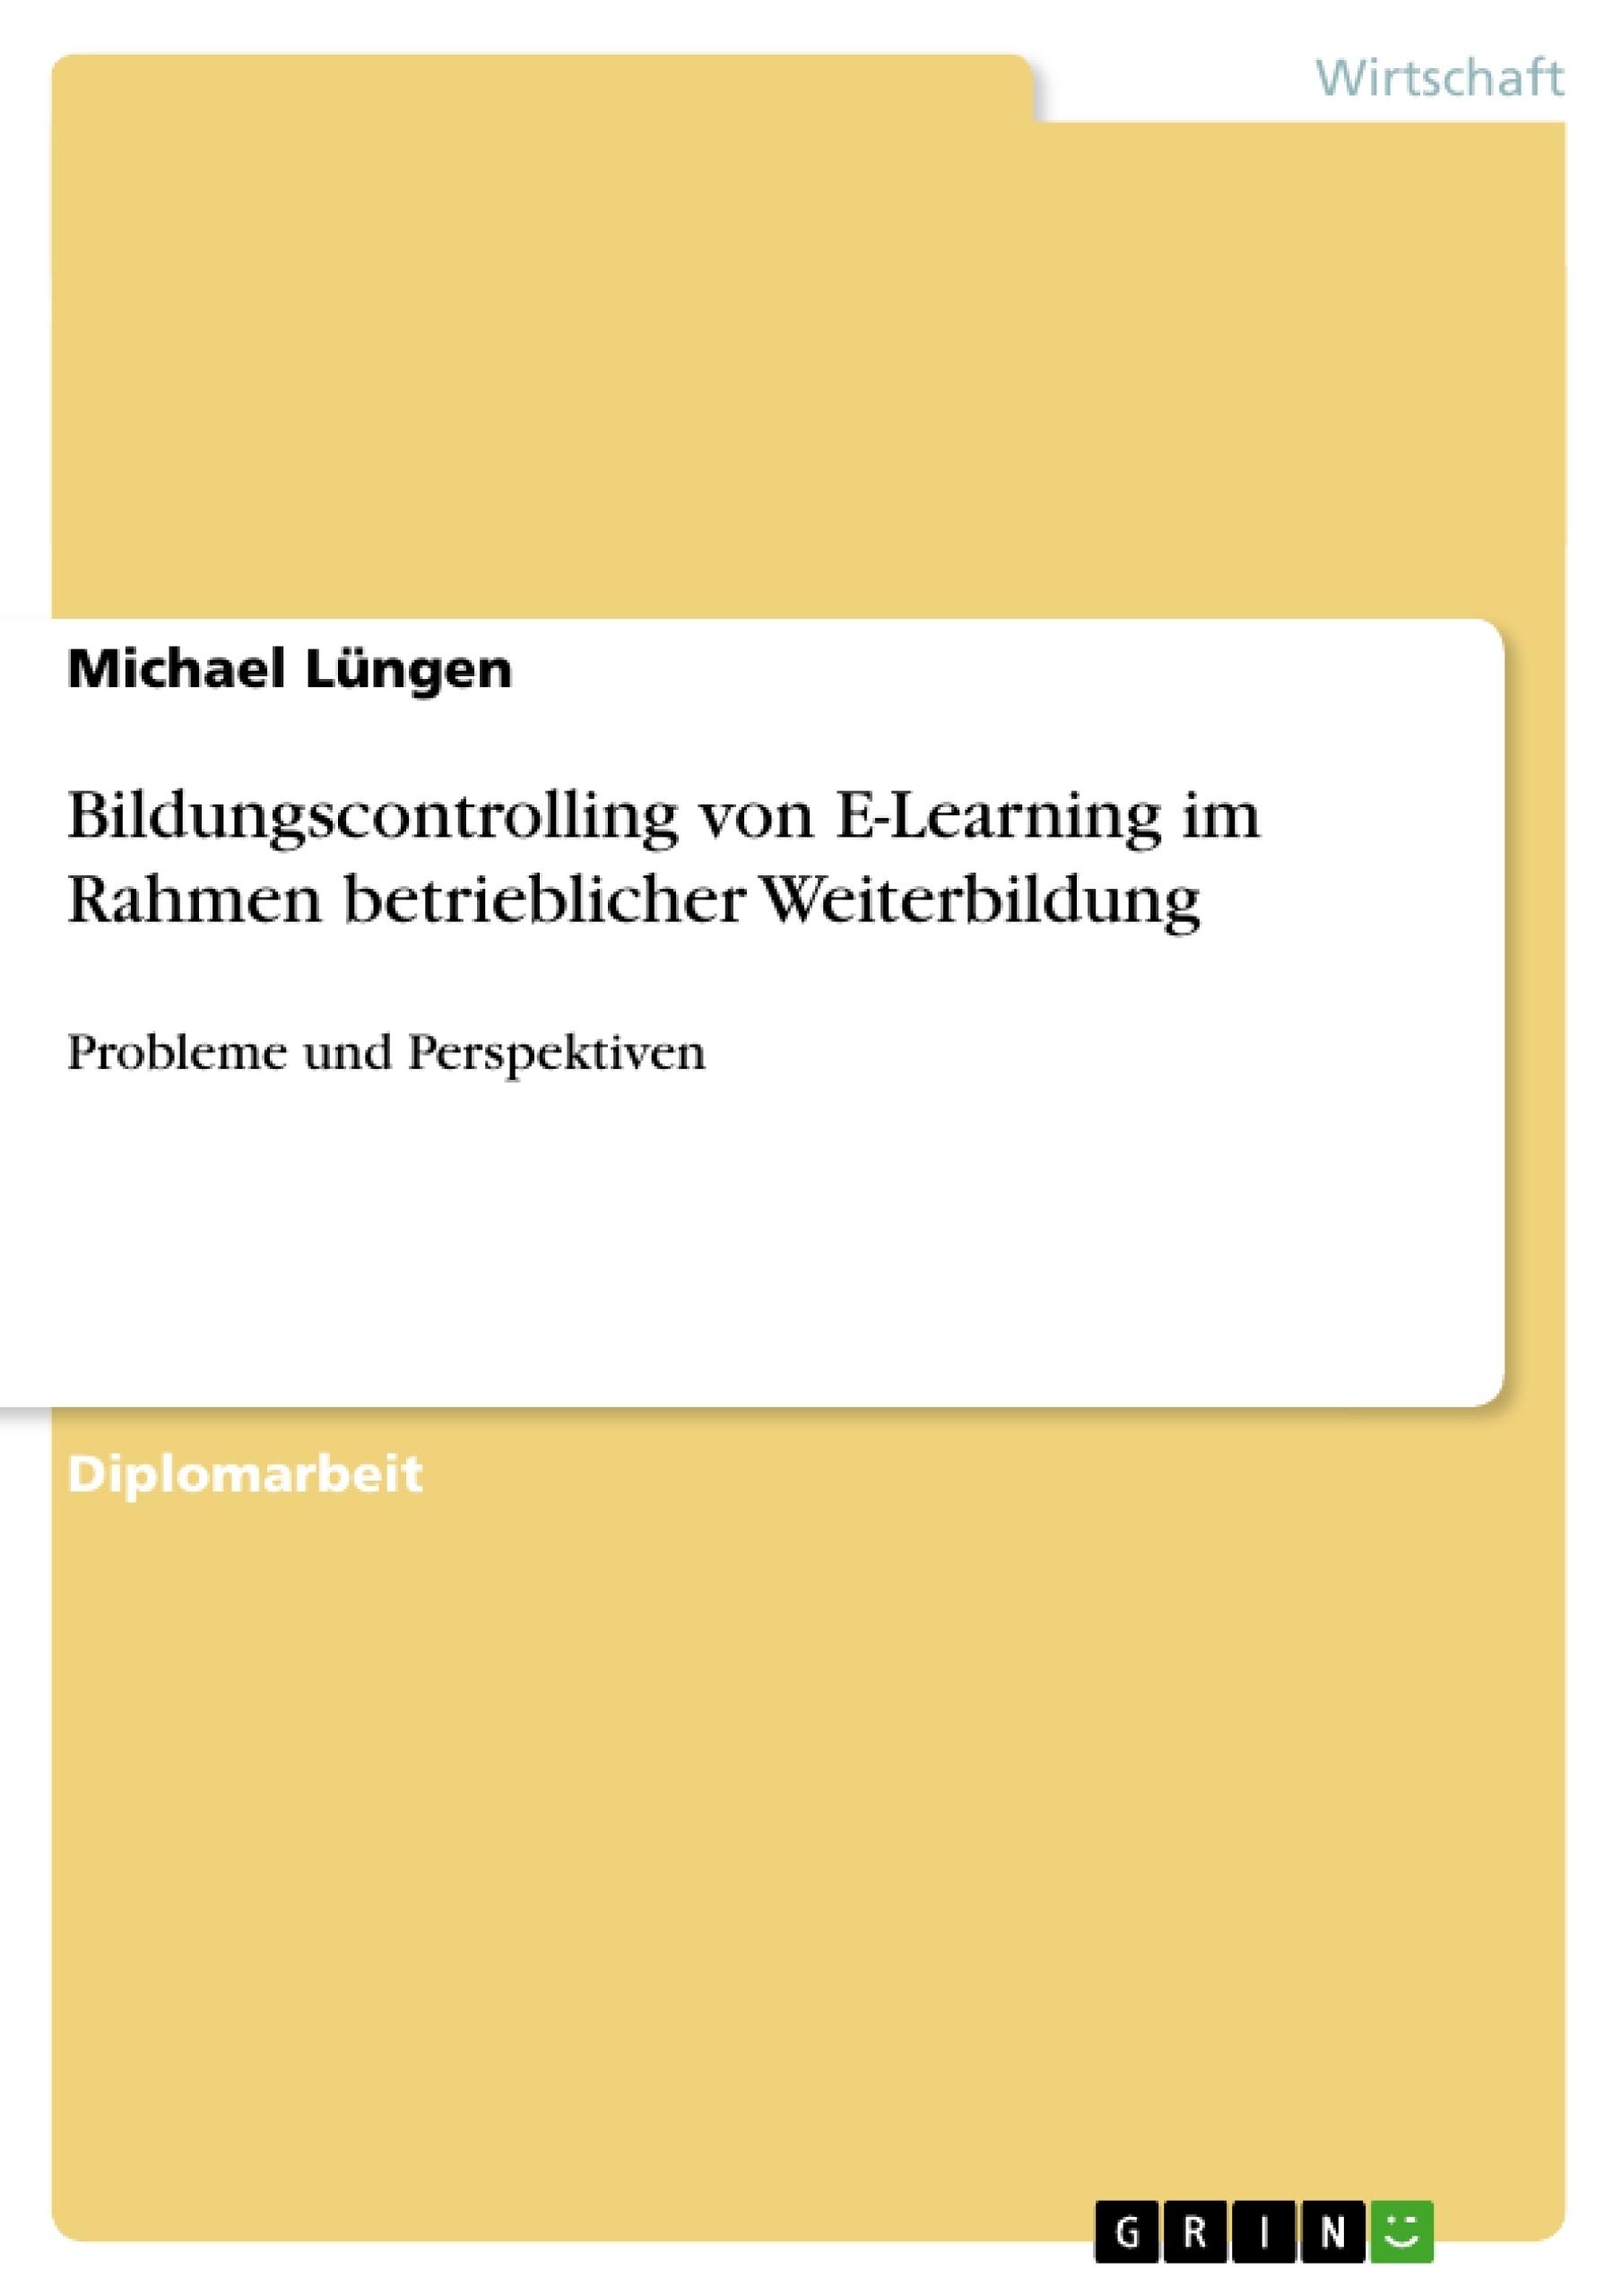 Titel: Bildungscontrolling von E-Learning im Rahmen betrieblicher Weiterbildung